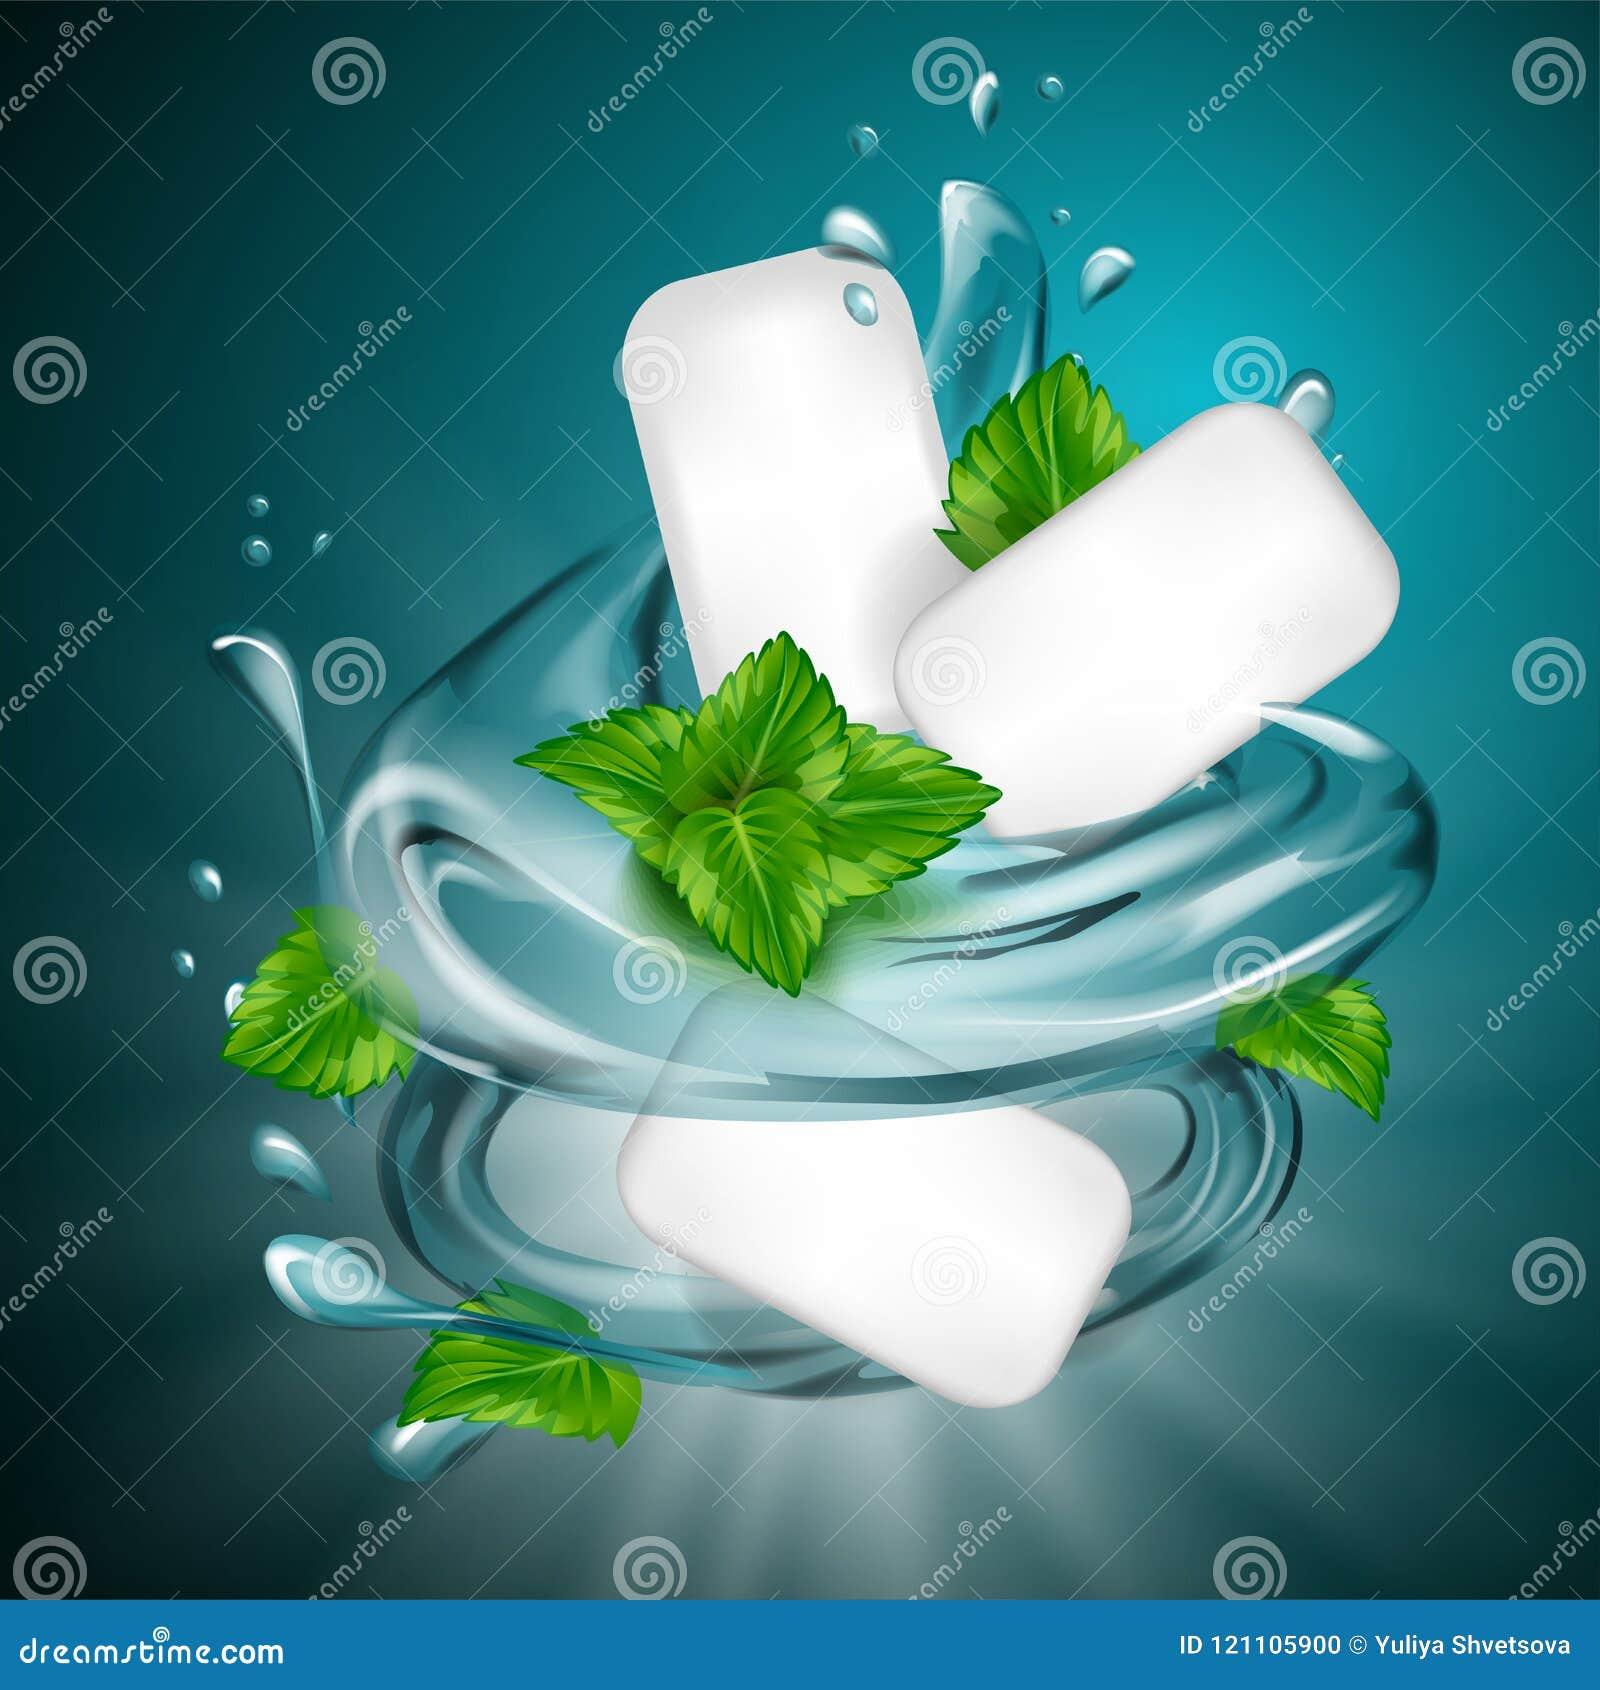 Η αγγελία γόμμας γεύσης μεντών με το φύλλο και το νερό καταβρέχουν το στοιχείο, στο ανοικτό μπλε υπόβαθρο, την τρισδιάστατη απεικ